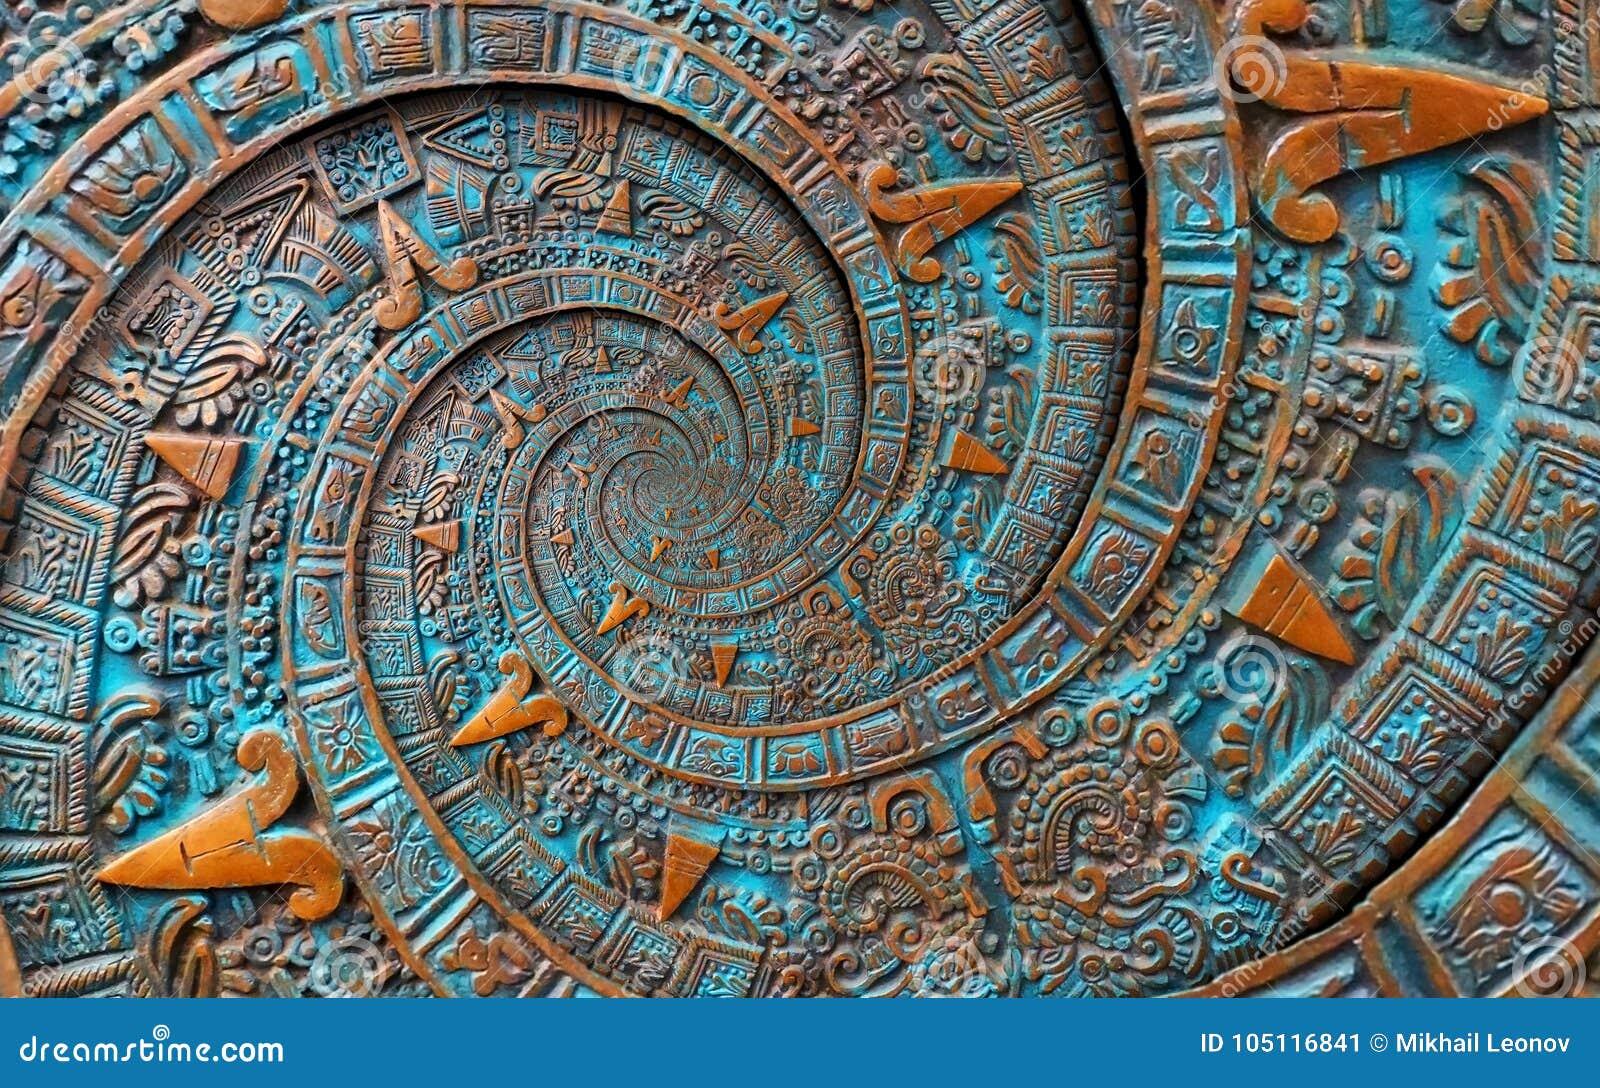 Fractal extranjero de la textura del extracto del fondo del ornamento del modelo del diseño azteca espiral doble clásico antiguo